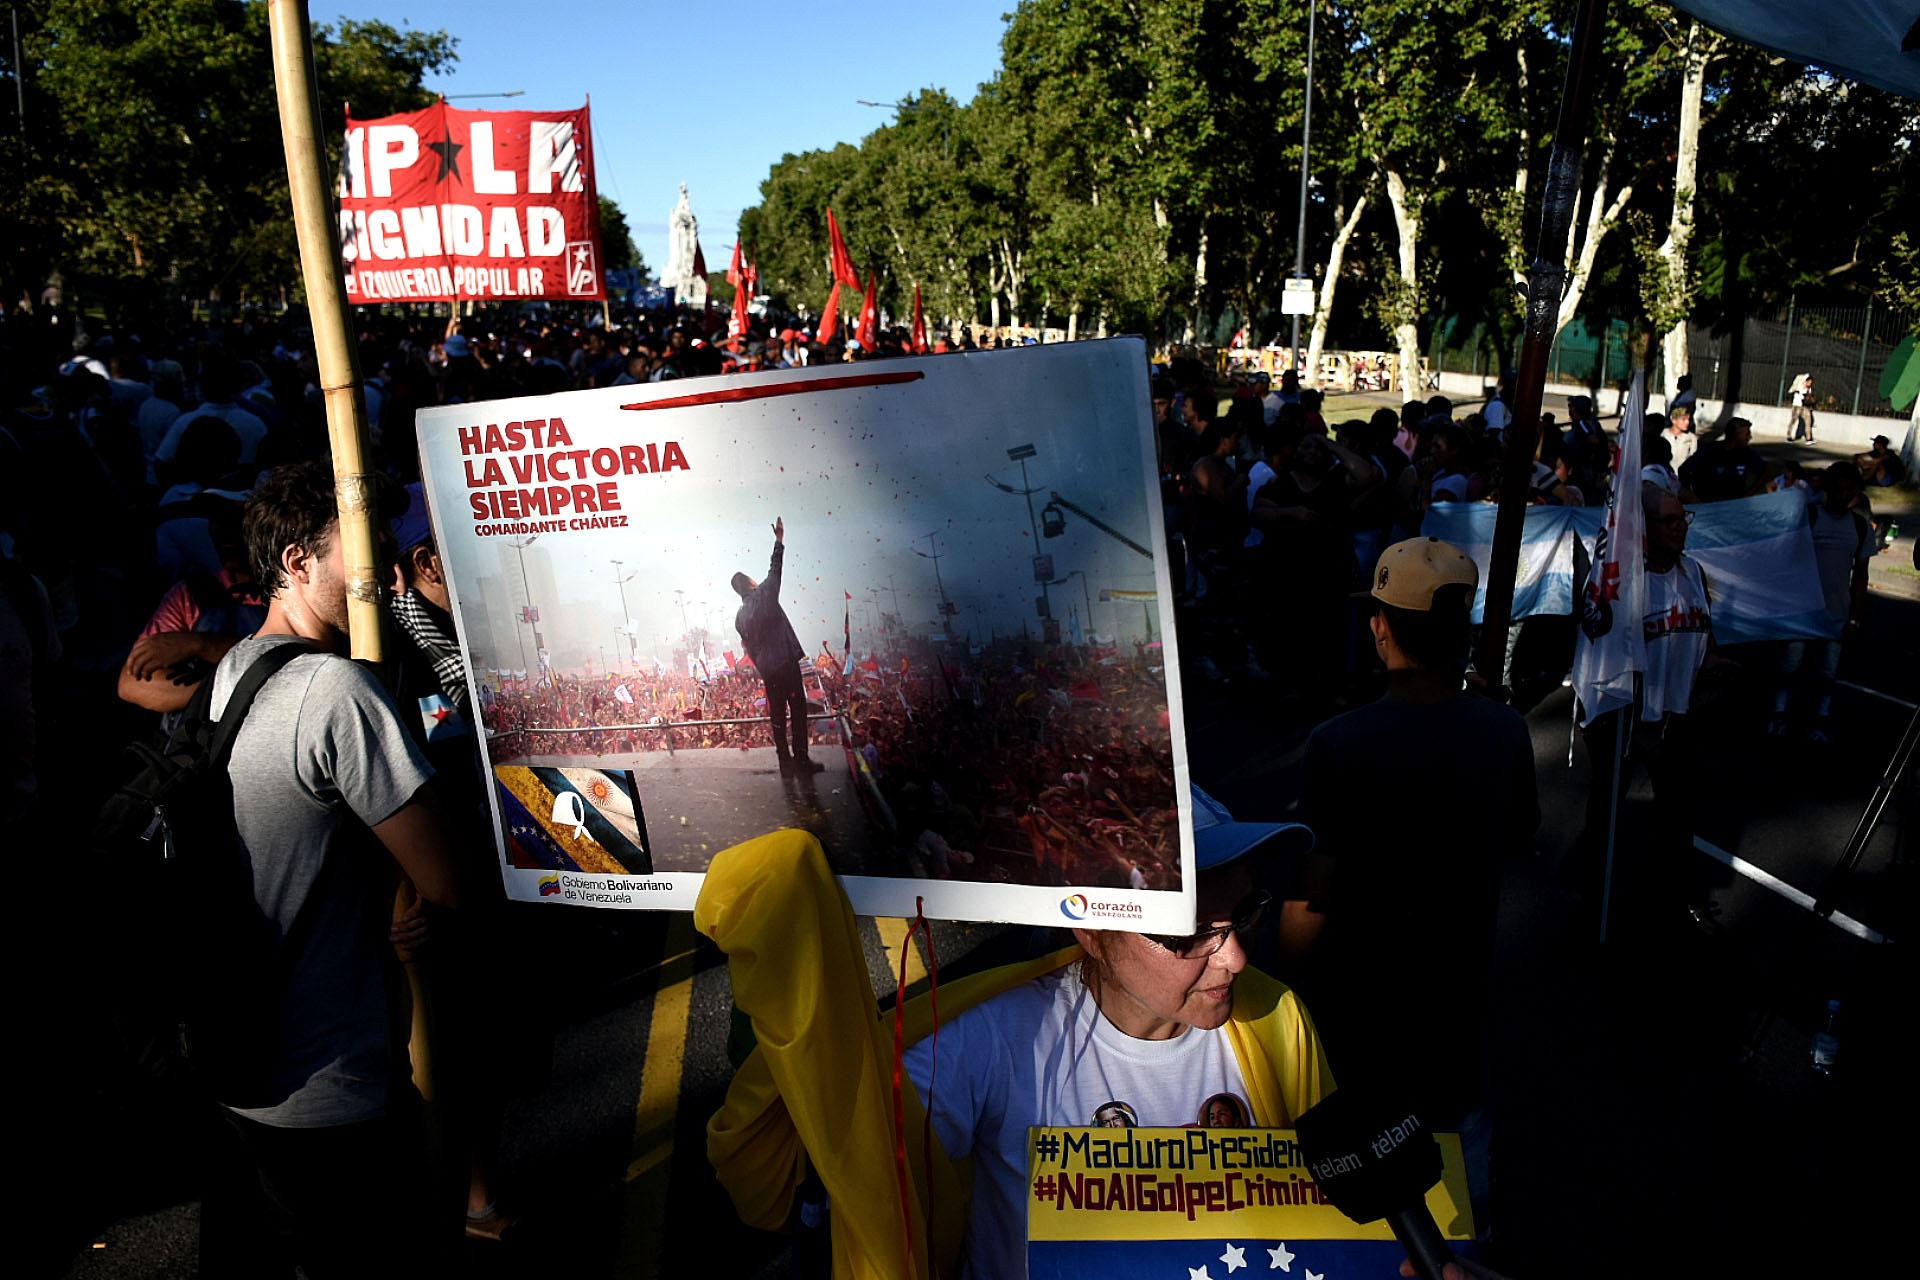 La marcha revindicó el régimen de Nicolás Maduro en Venezuela